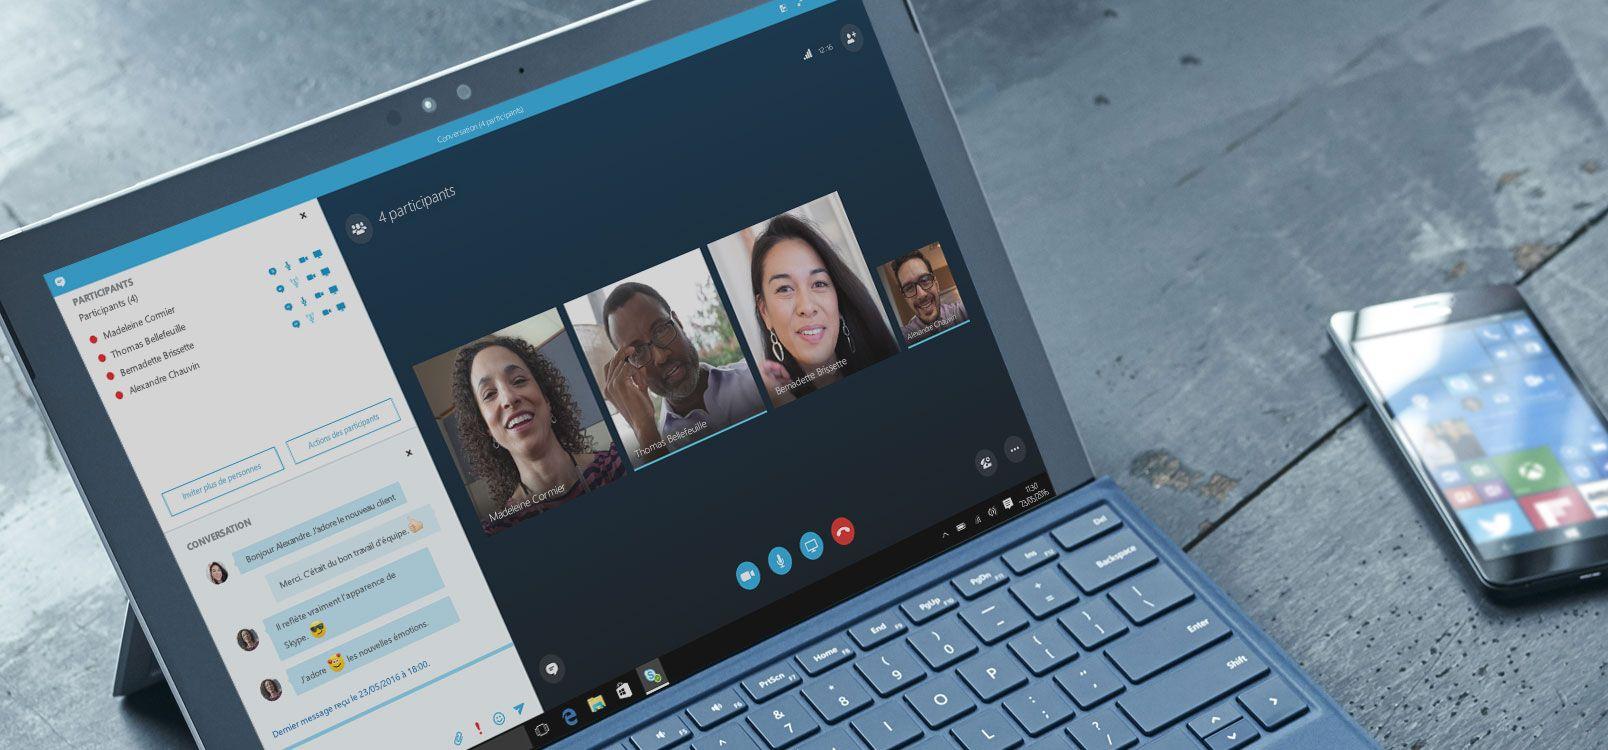 Femme utilisant Office 365 sur une tablette et un smartphone pour collaborer sur des documents.